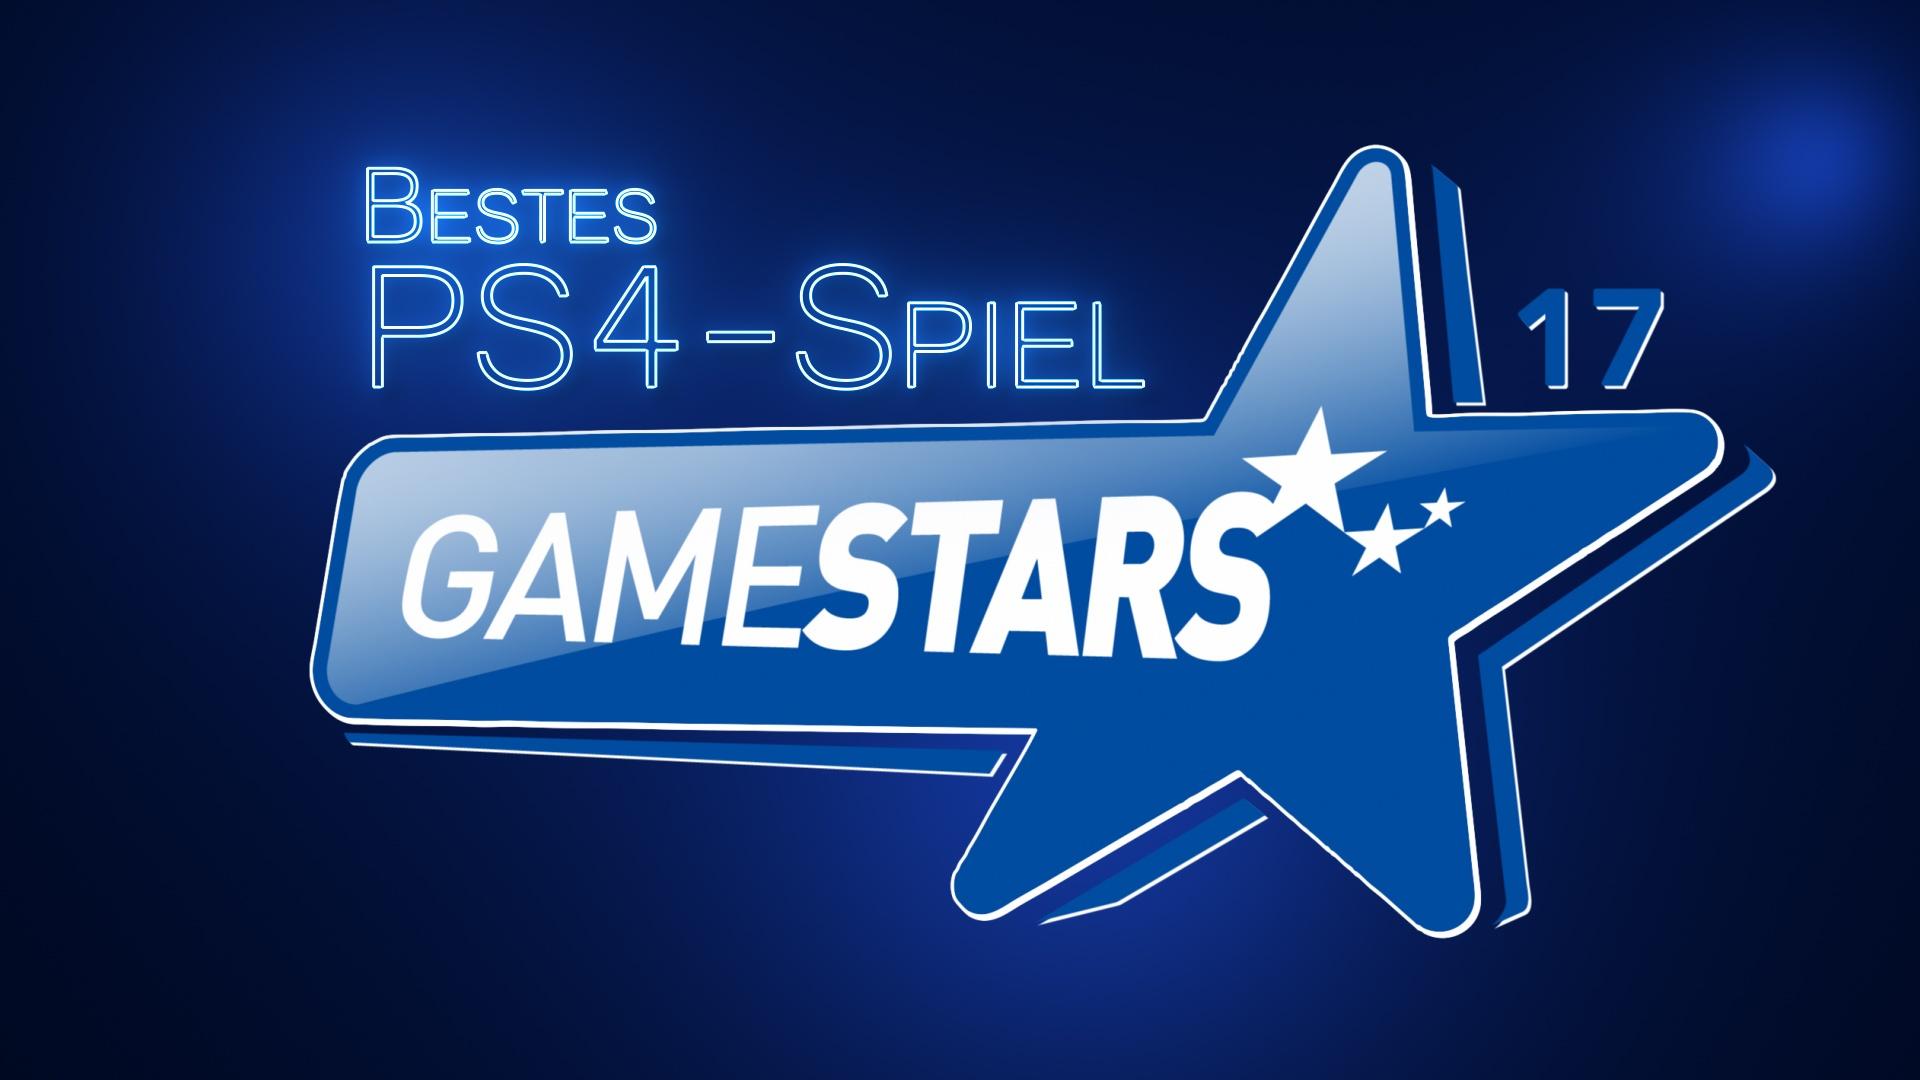 Bestes Spiel Ps4